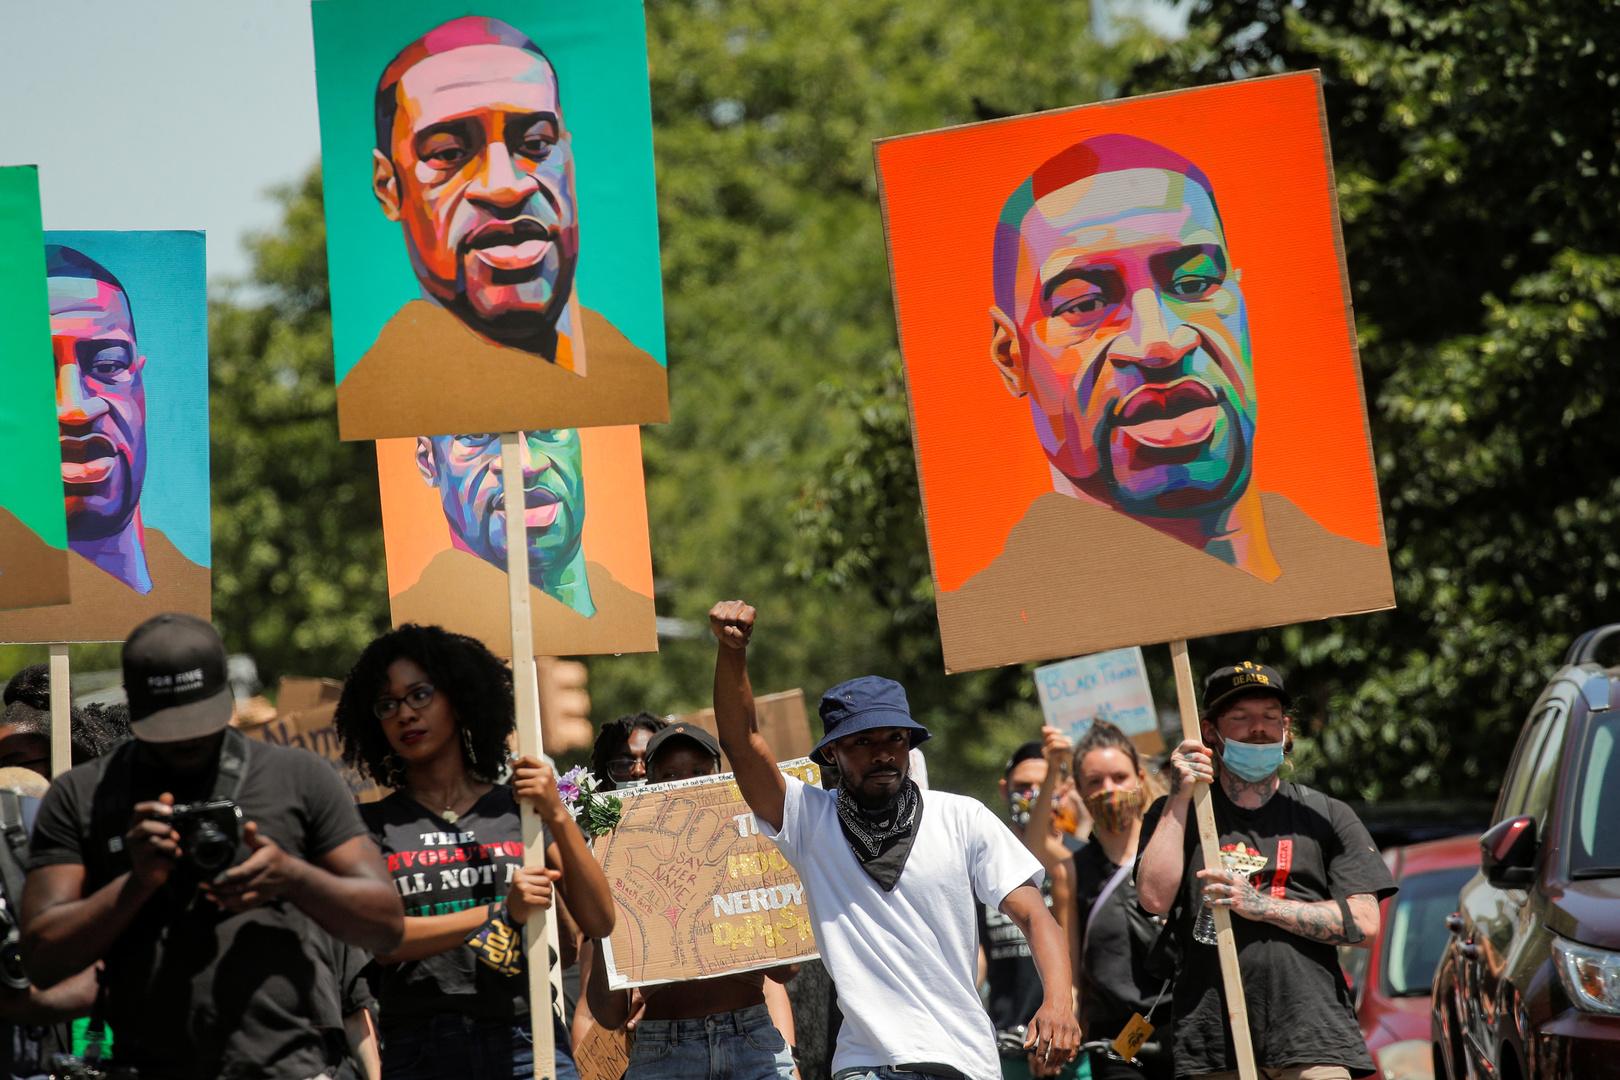 المبعوث الأمريكي في جنيف يرد على المطالبة بالتحقيق في العنصرية ببلاده